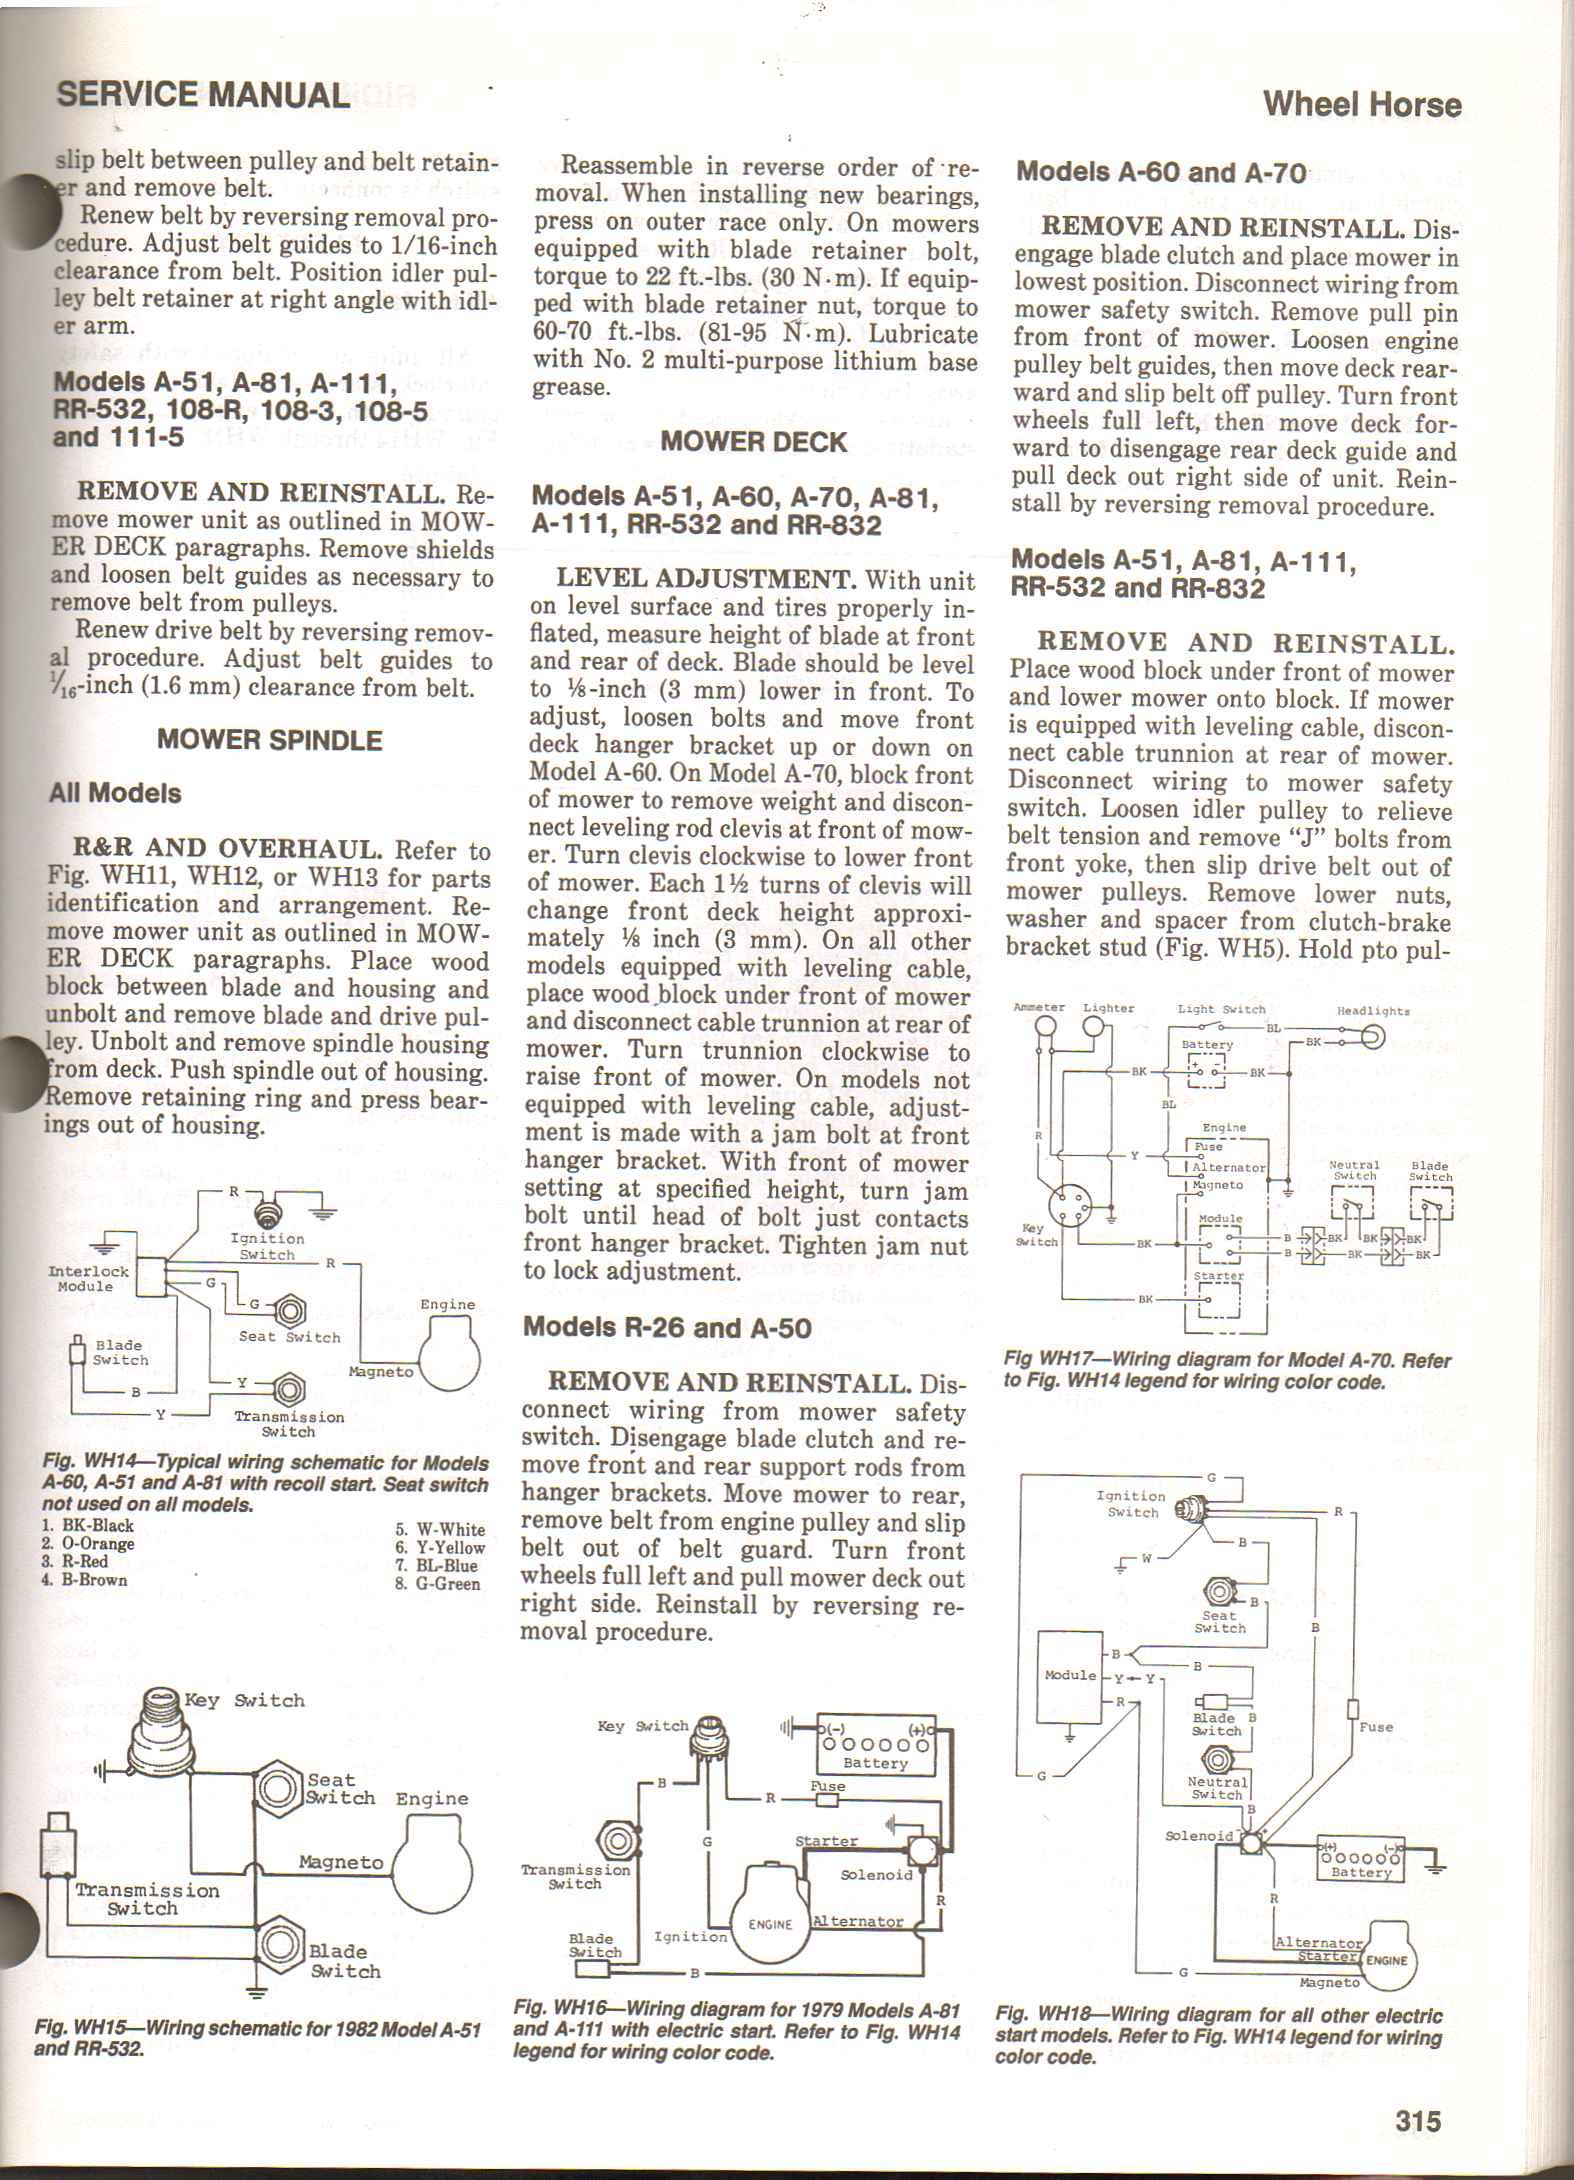 wheel 520 wiring diagram get free image about wiring diagram